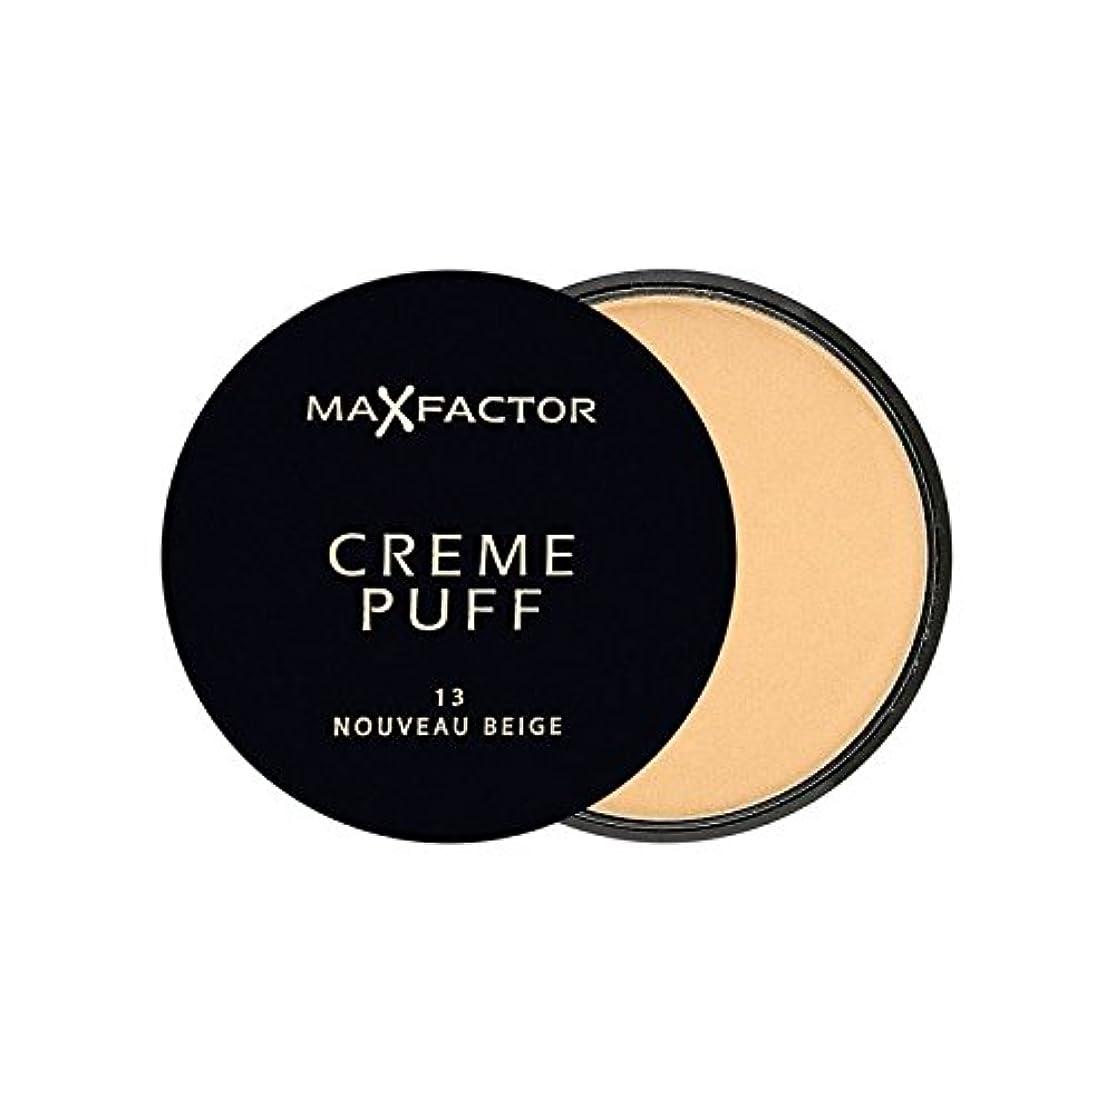 瞑想するずっと第四マックスファクタークリームパフ粉末コンパクトヌーボーベージュ13 x4 - Max Factor Creme Puff Powder Compact Nouveau Beige 13 (Pack of 4) [並行輸入品]